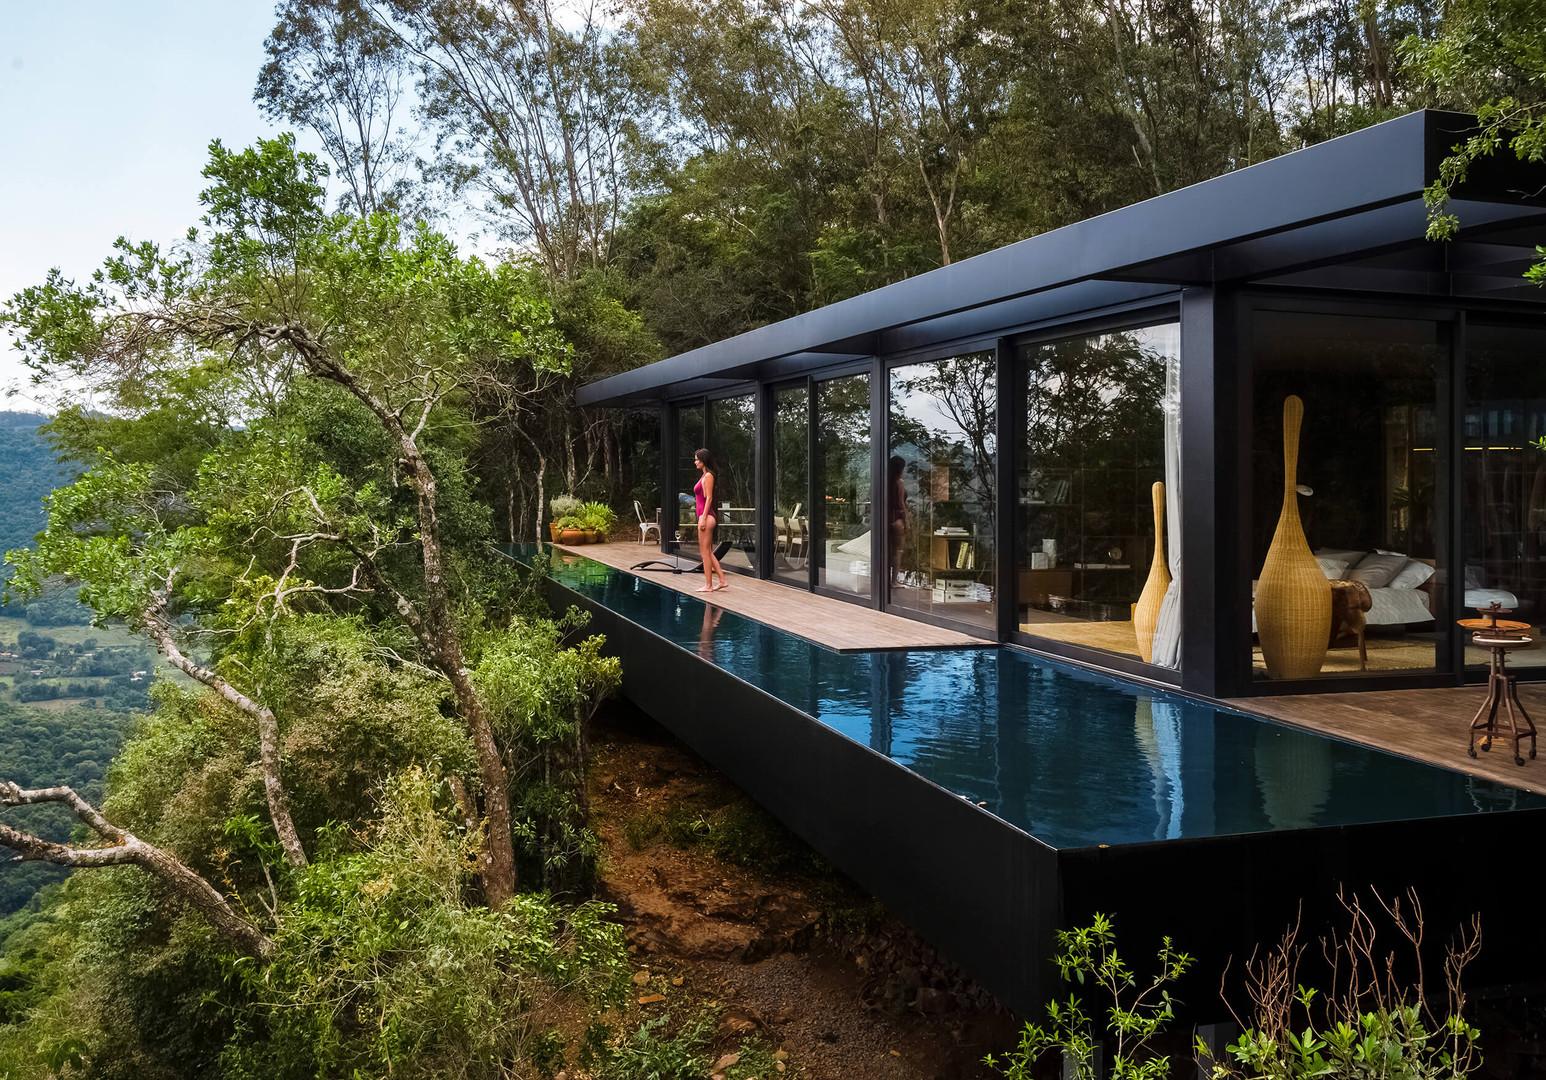 Construtora_de_casas_alto_padrão_43.jpg